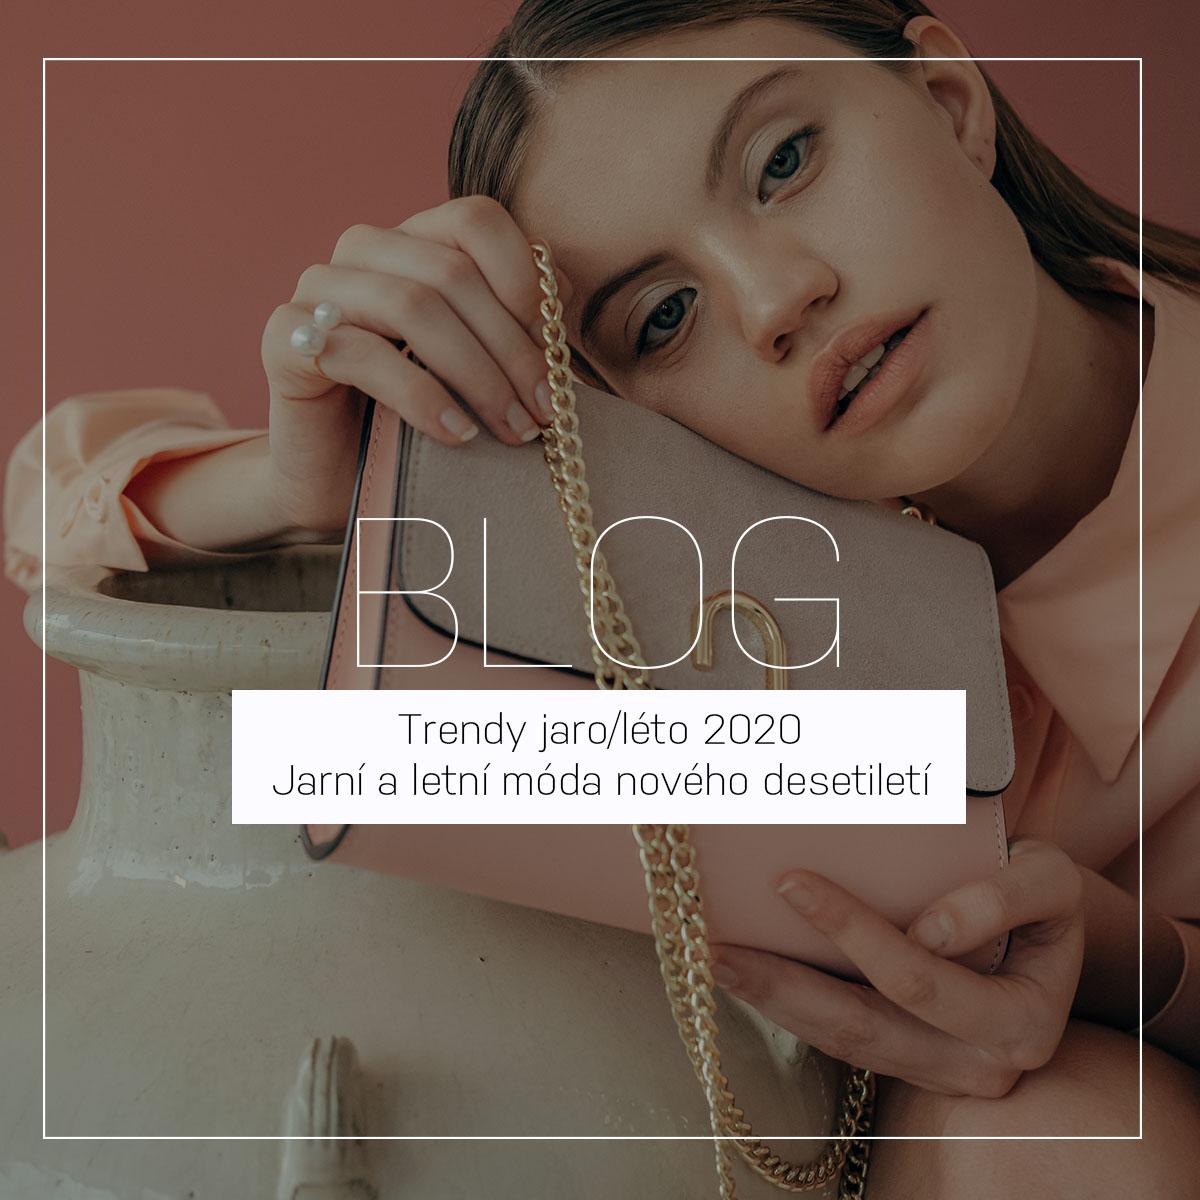 Trendy jaro/léto 2020 | Jarní a letní móda nového desetiletí